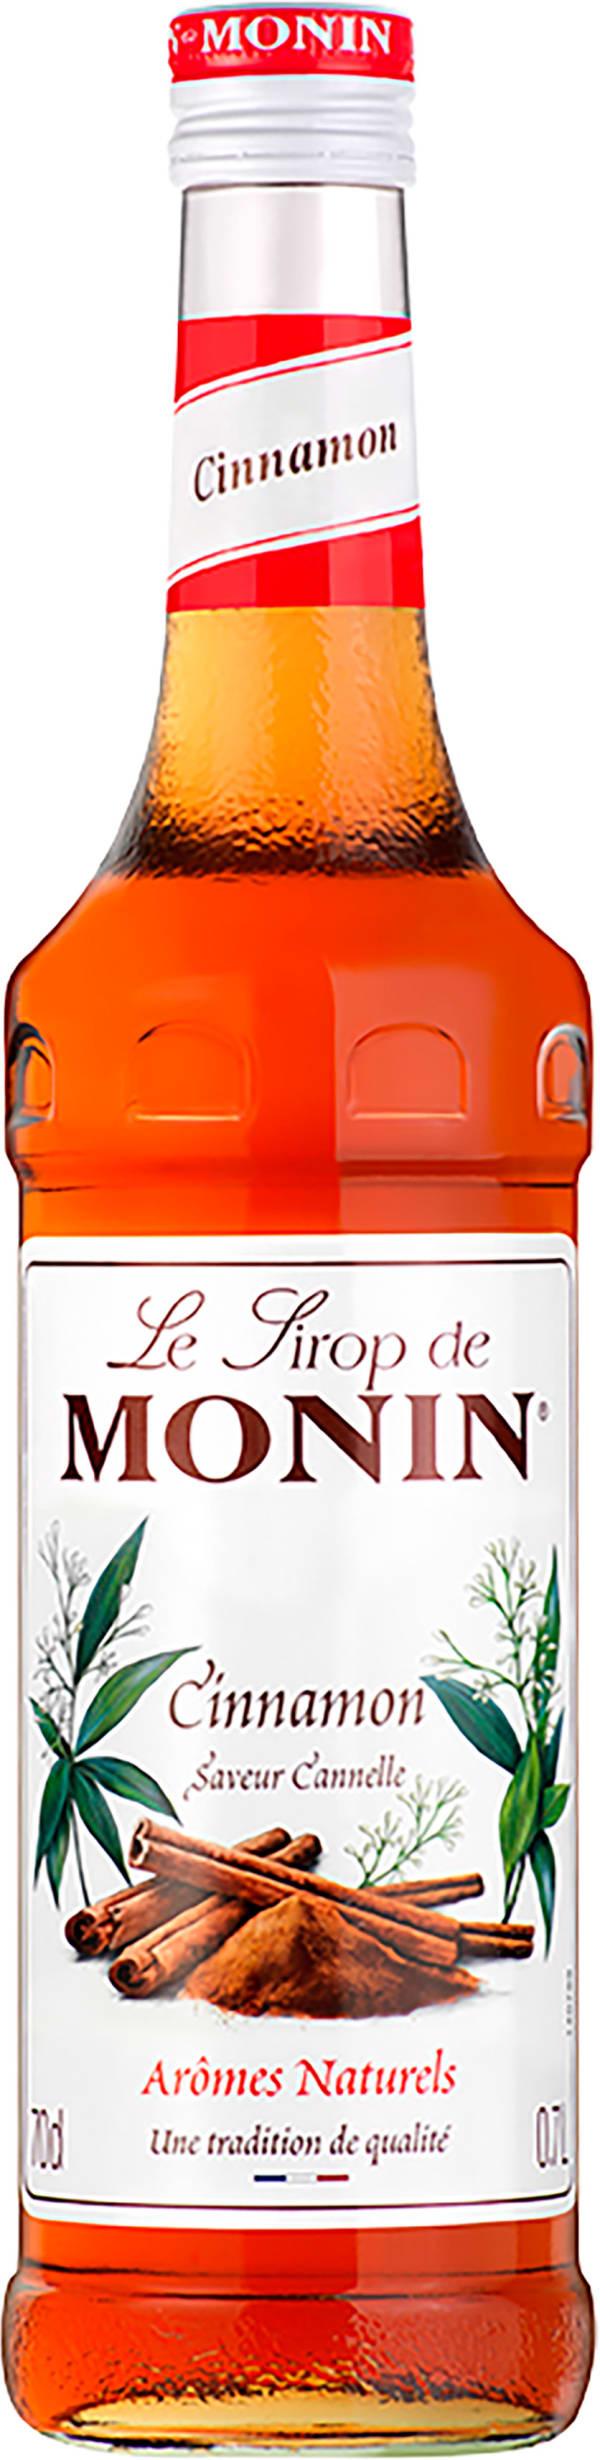 Le Sirop de Monin Cinnamon